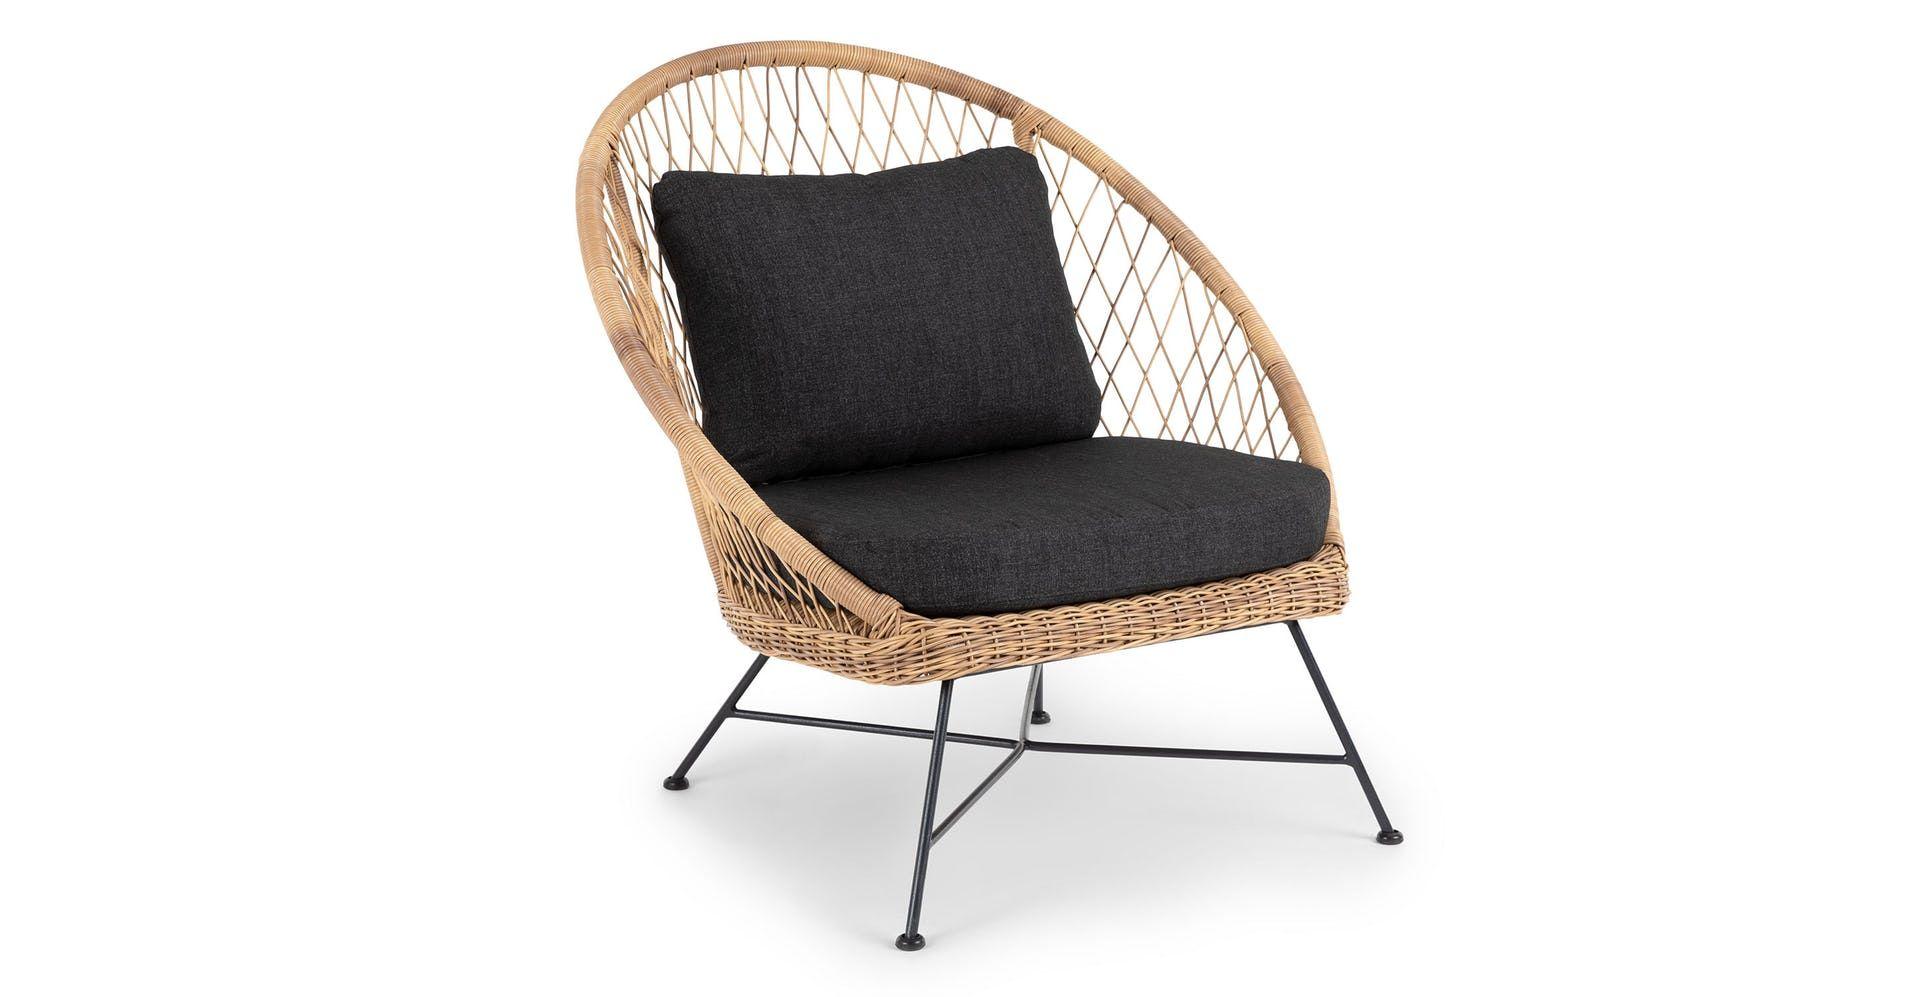 Brilliant Latta Slate Gray Coffee Table In 2019 Wicker Lounge Chair Machost Co Dining Chair Design Ideas Machostcouk